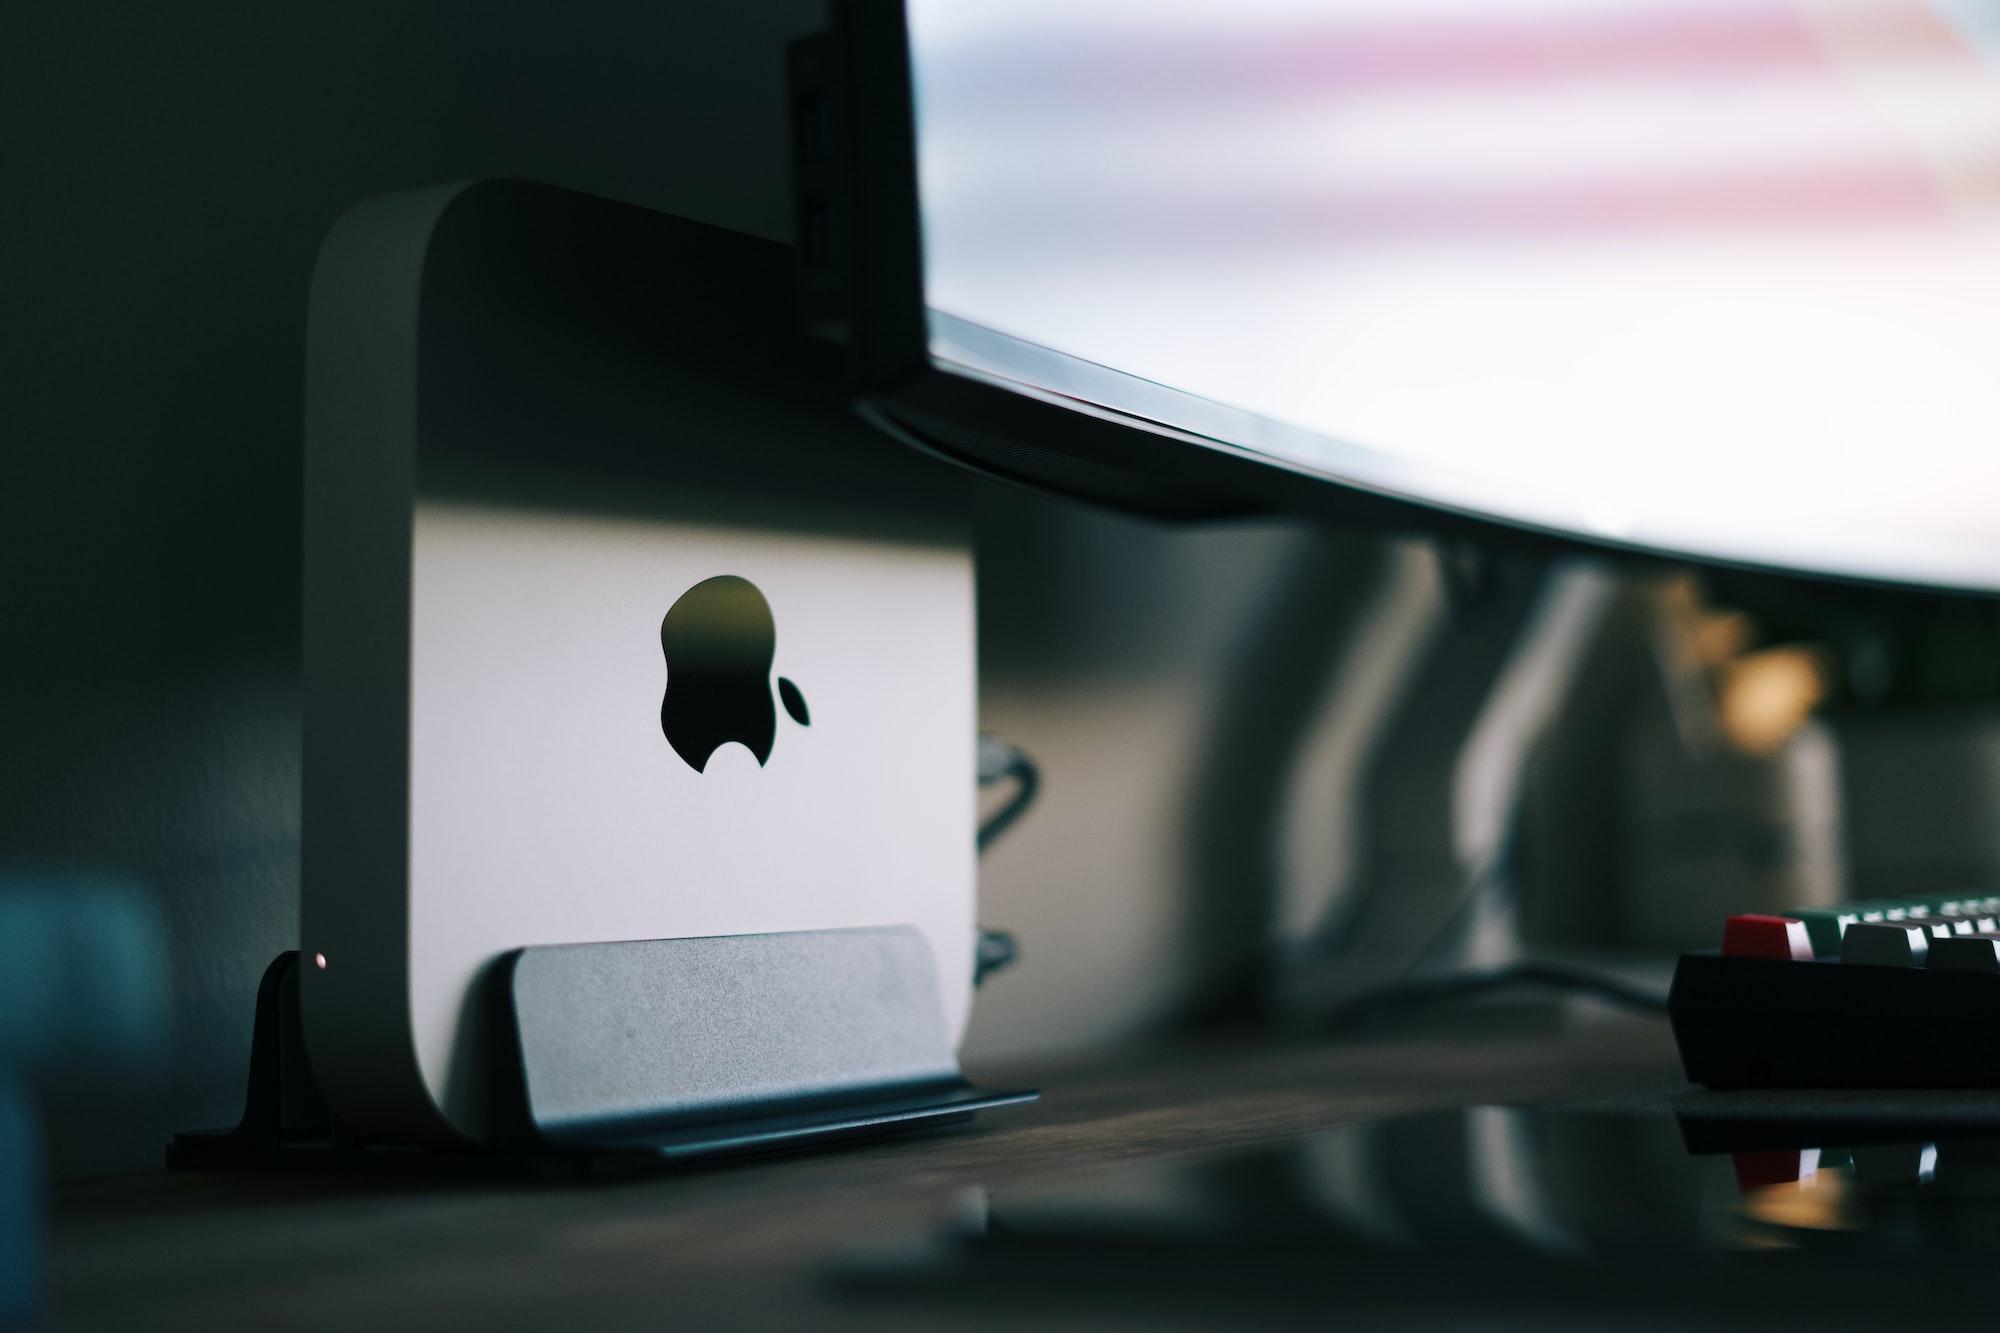 2020 Apple Mac mini M1 @ 2 x 6K